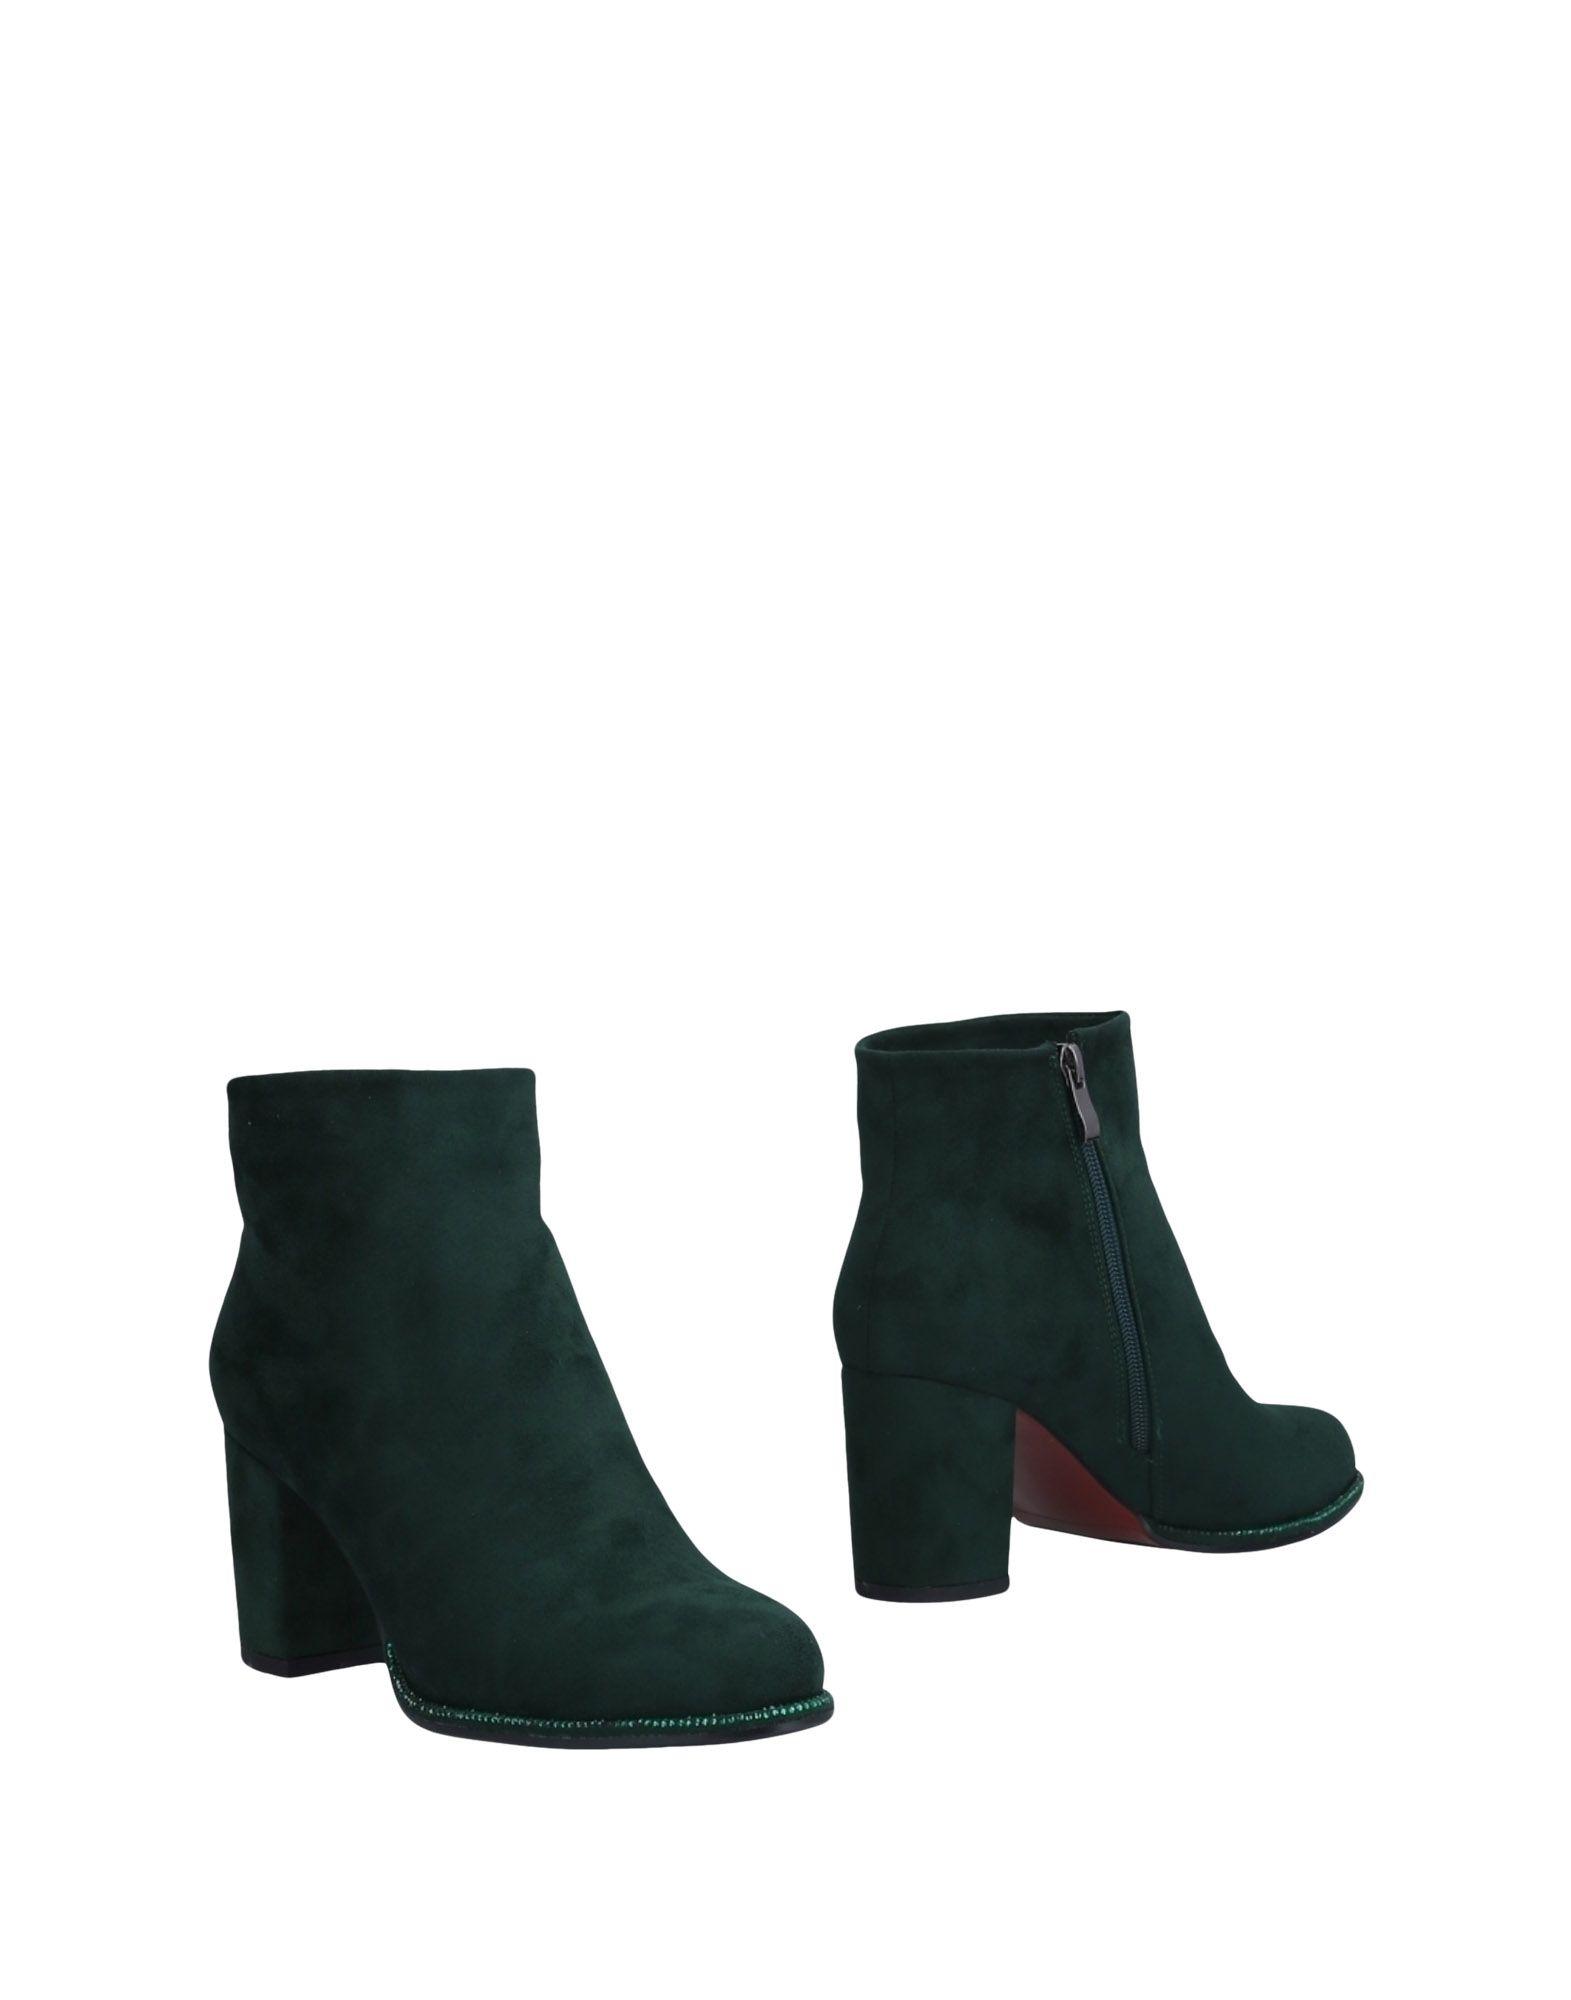 Vivien Lee Stiefelette Damen beliebte  11491551EP Gute Qualität beliebte Damen Schuhe 51391b